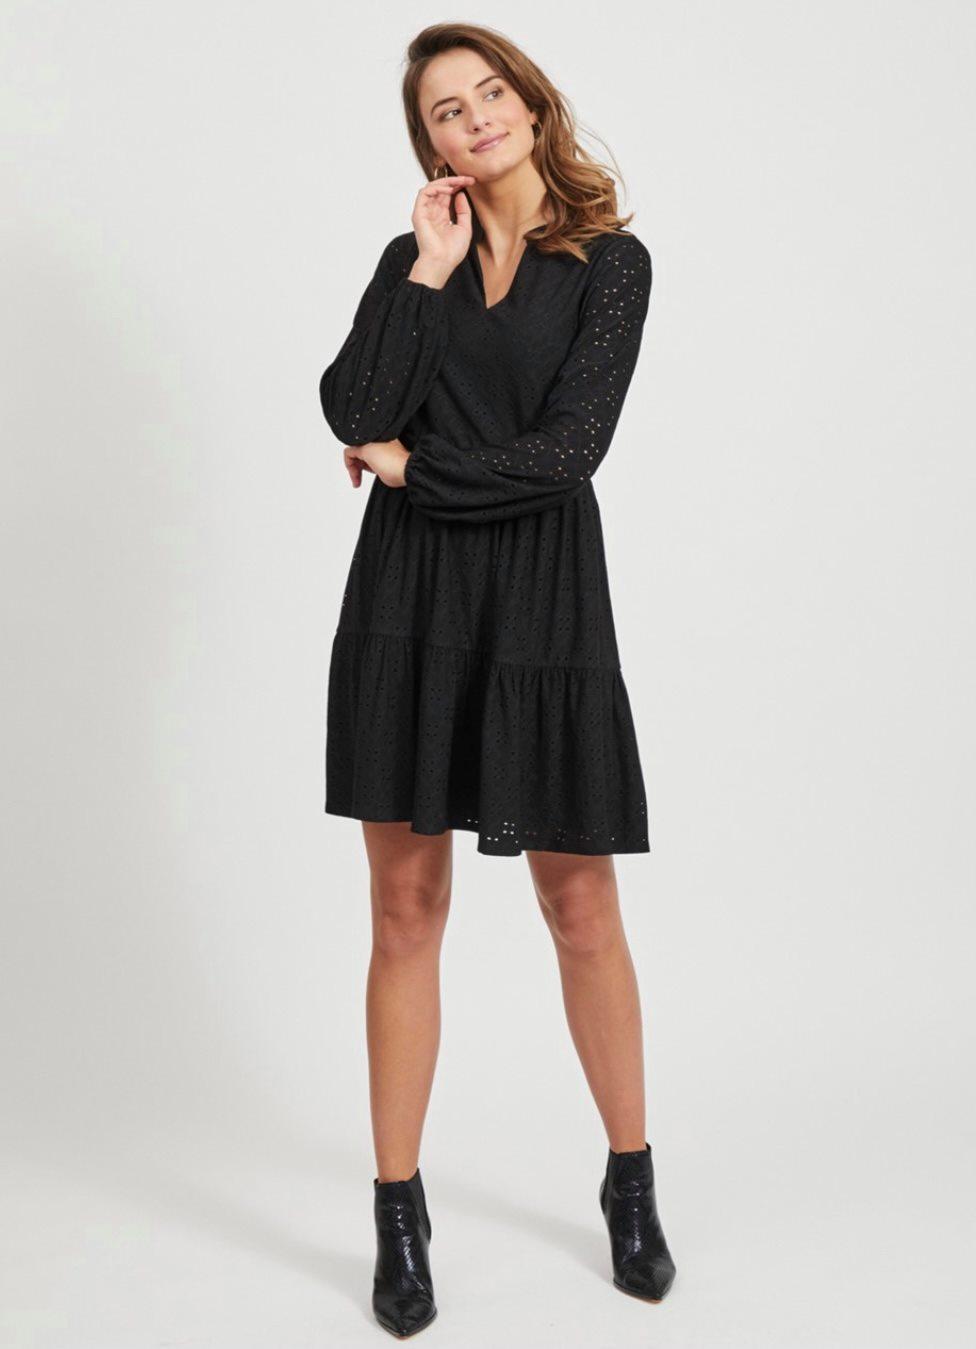 VIKAWA L/S dress